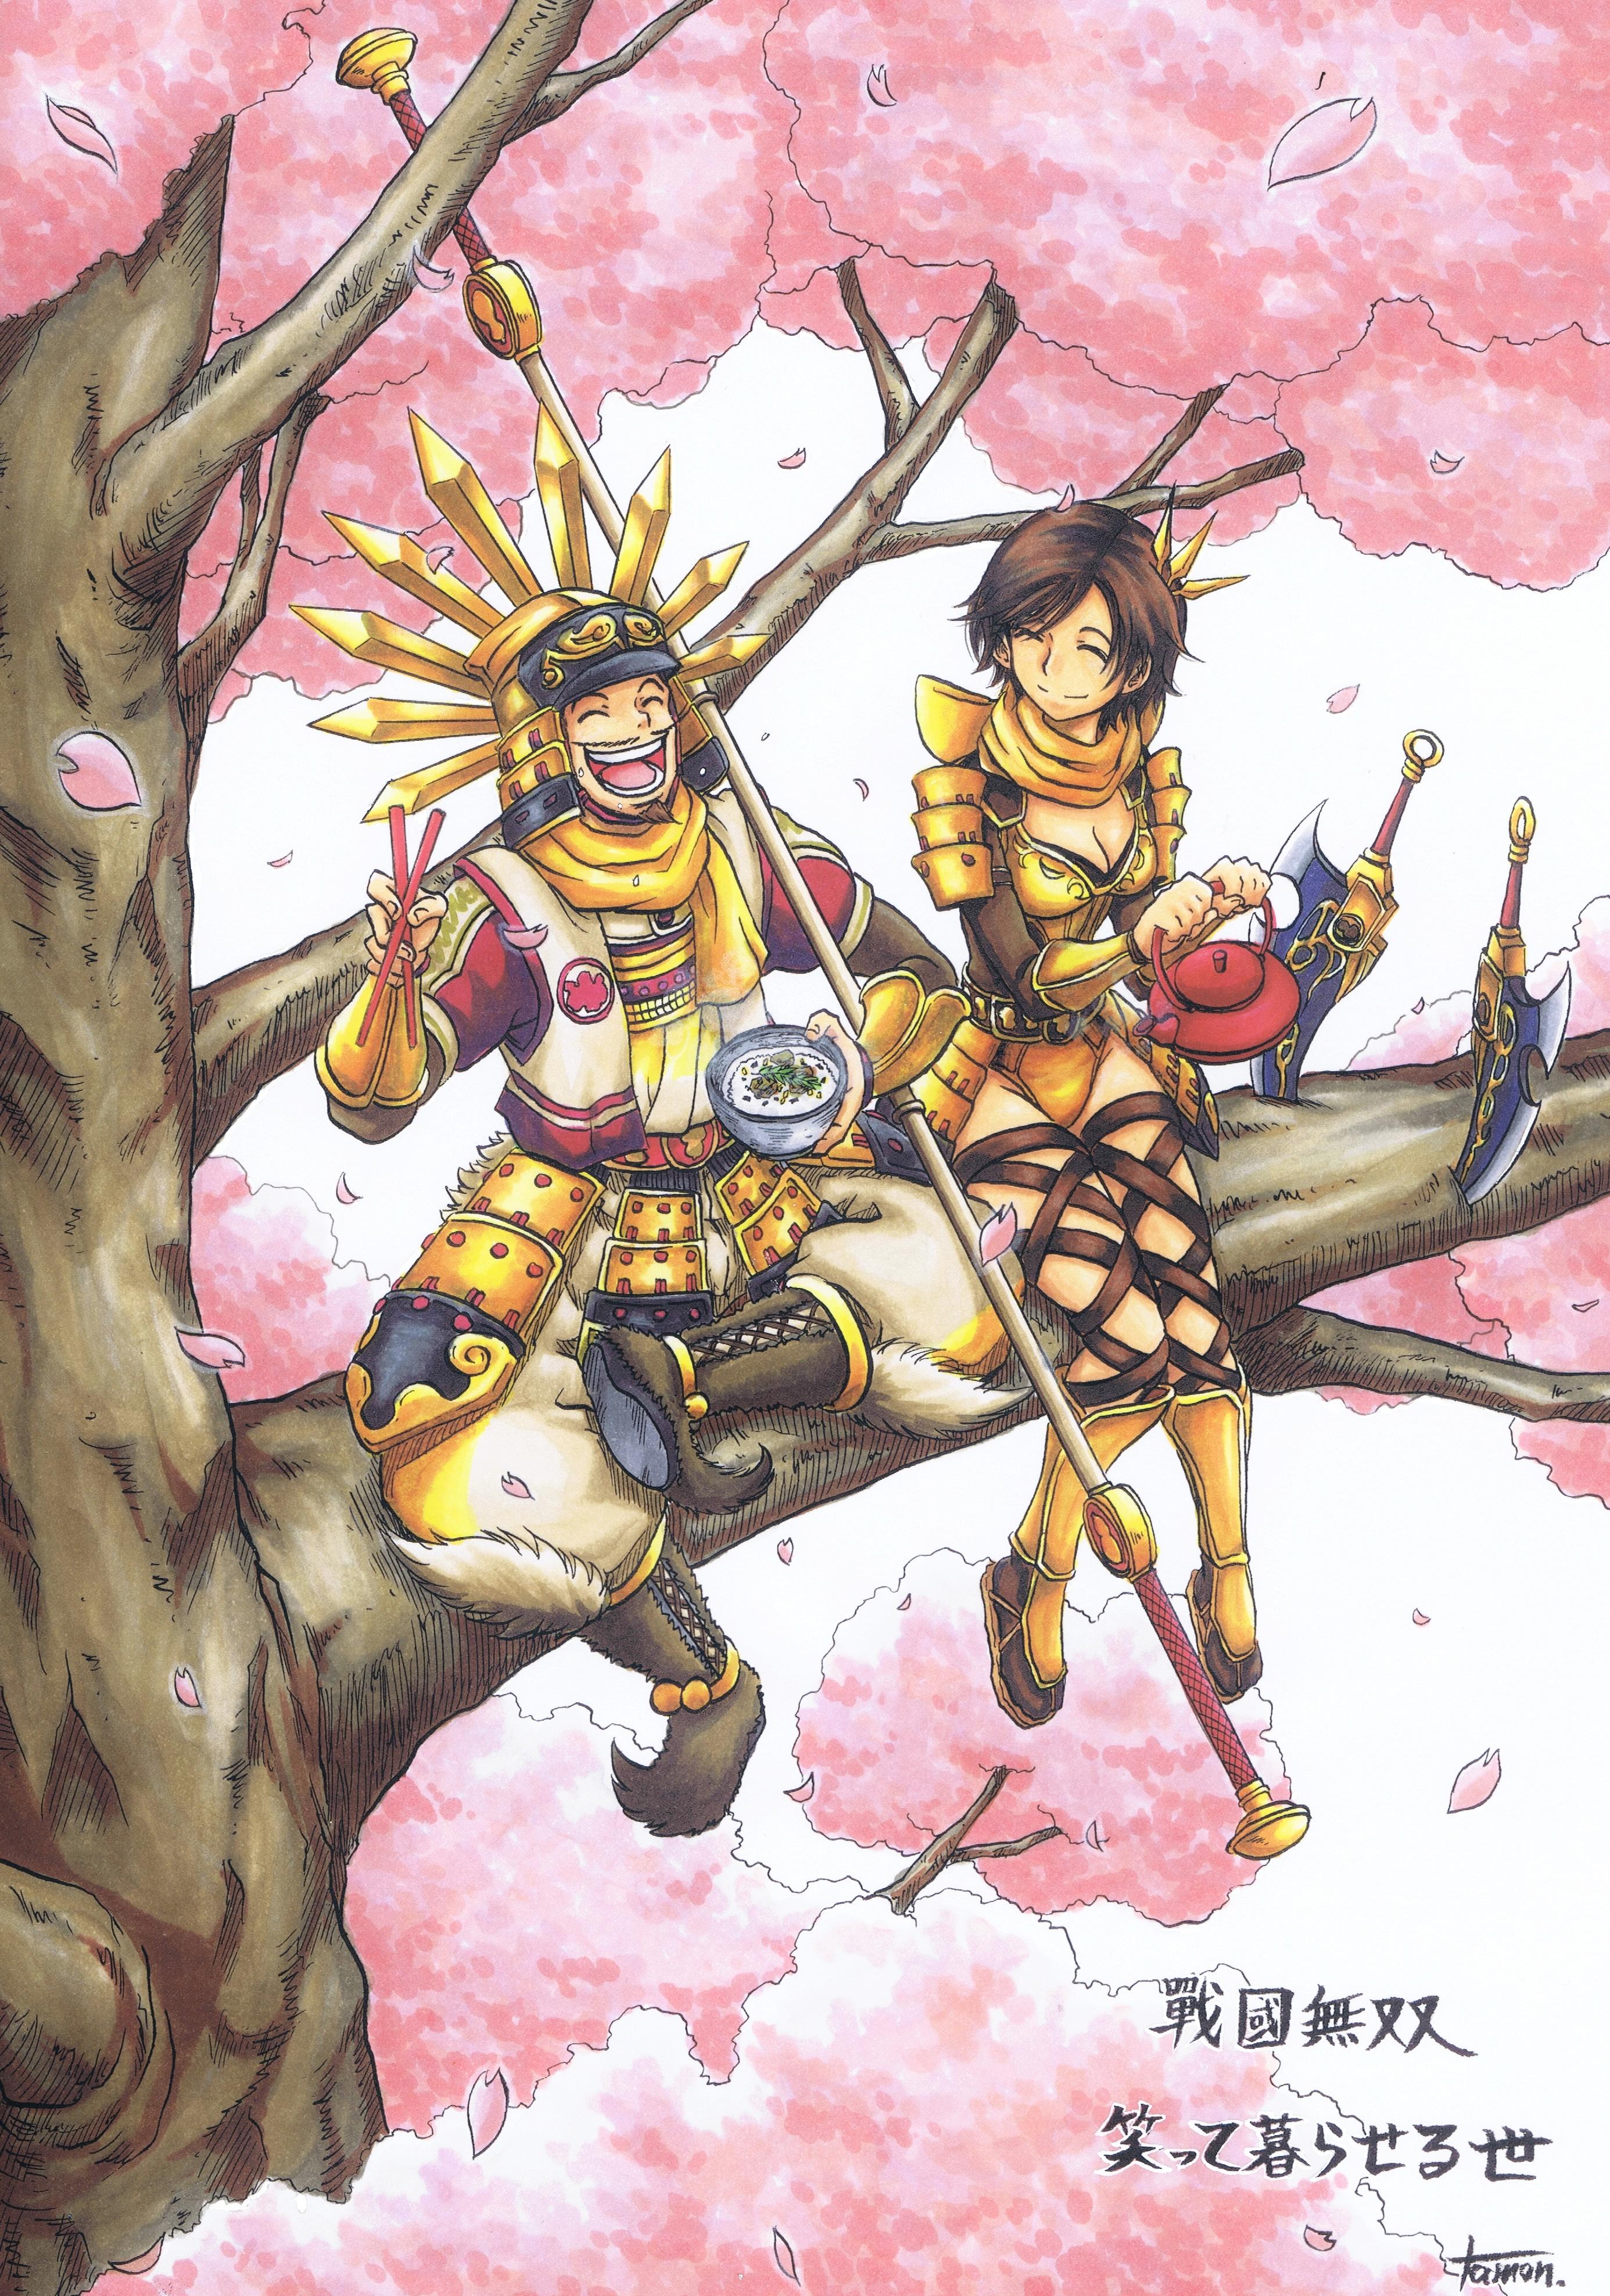 Sengoku Musou (Samurai Warriors) Image #1130869 - Zerochan ...